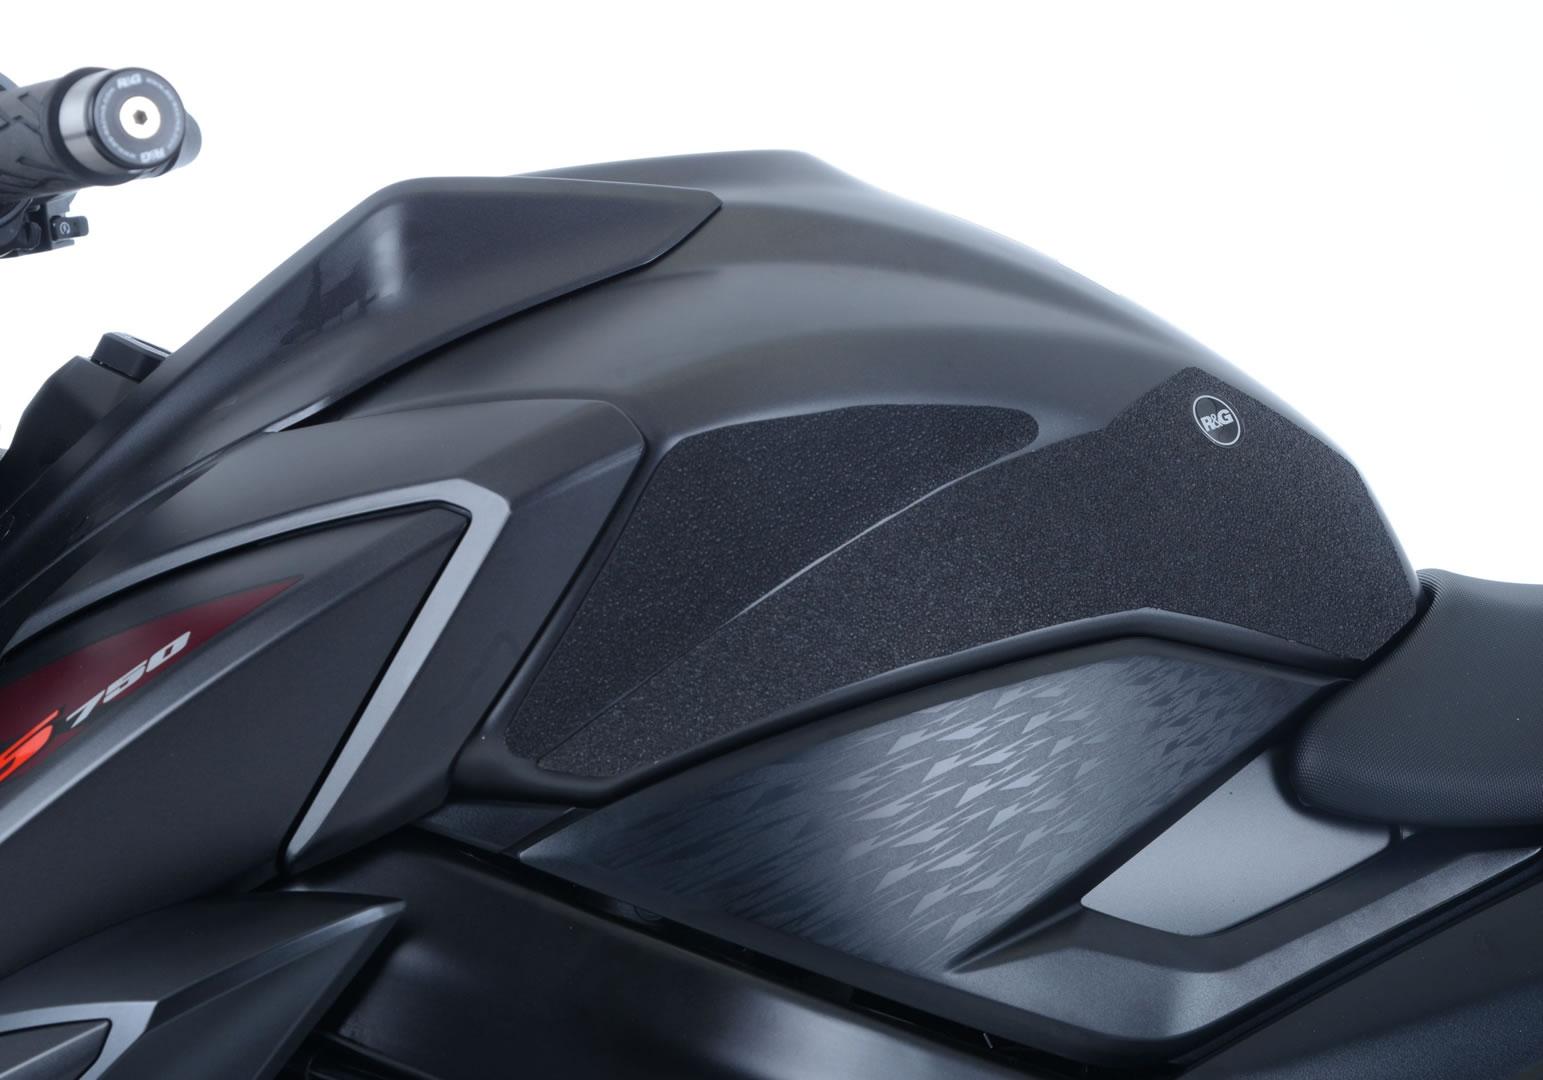 Kit grip de réservoir R&G Racing translucide Suzuki GSX-S 750 17-18